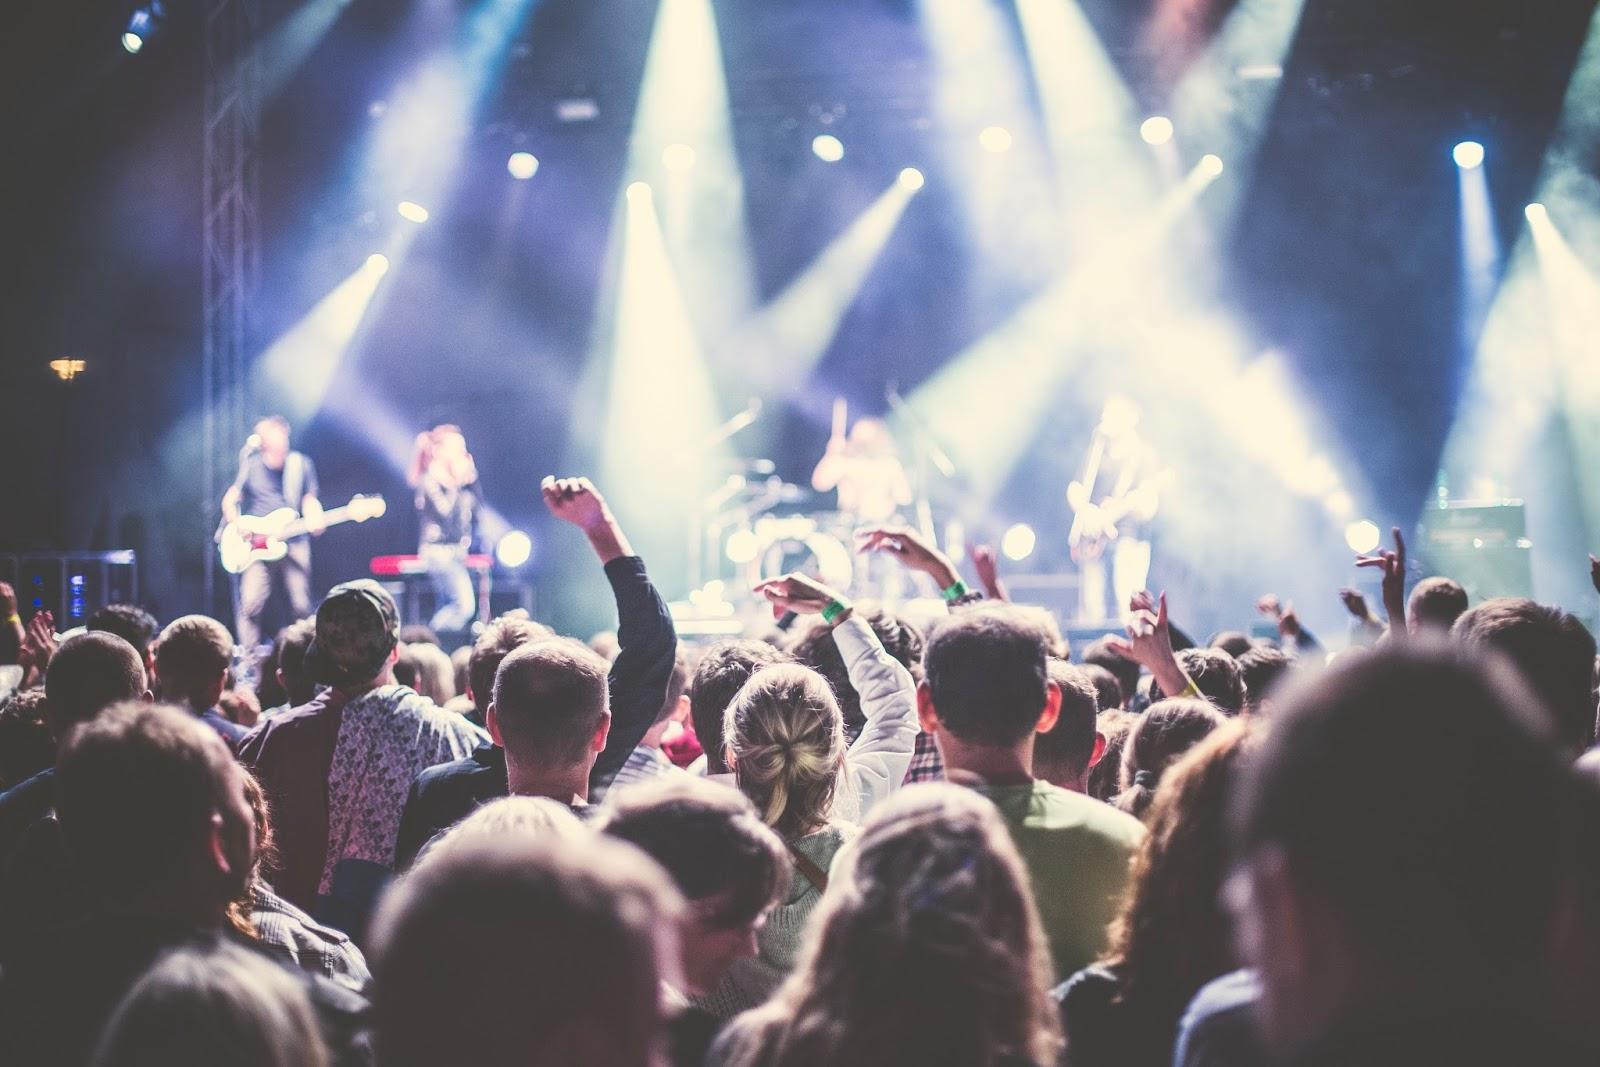 Celebrity Spotting Amongst Festival Crowds